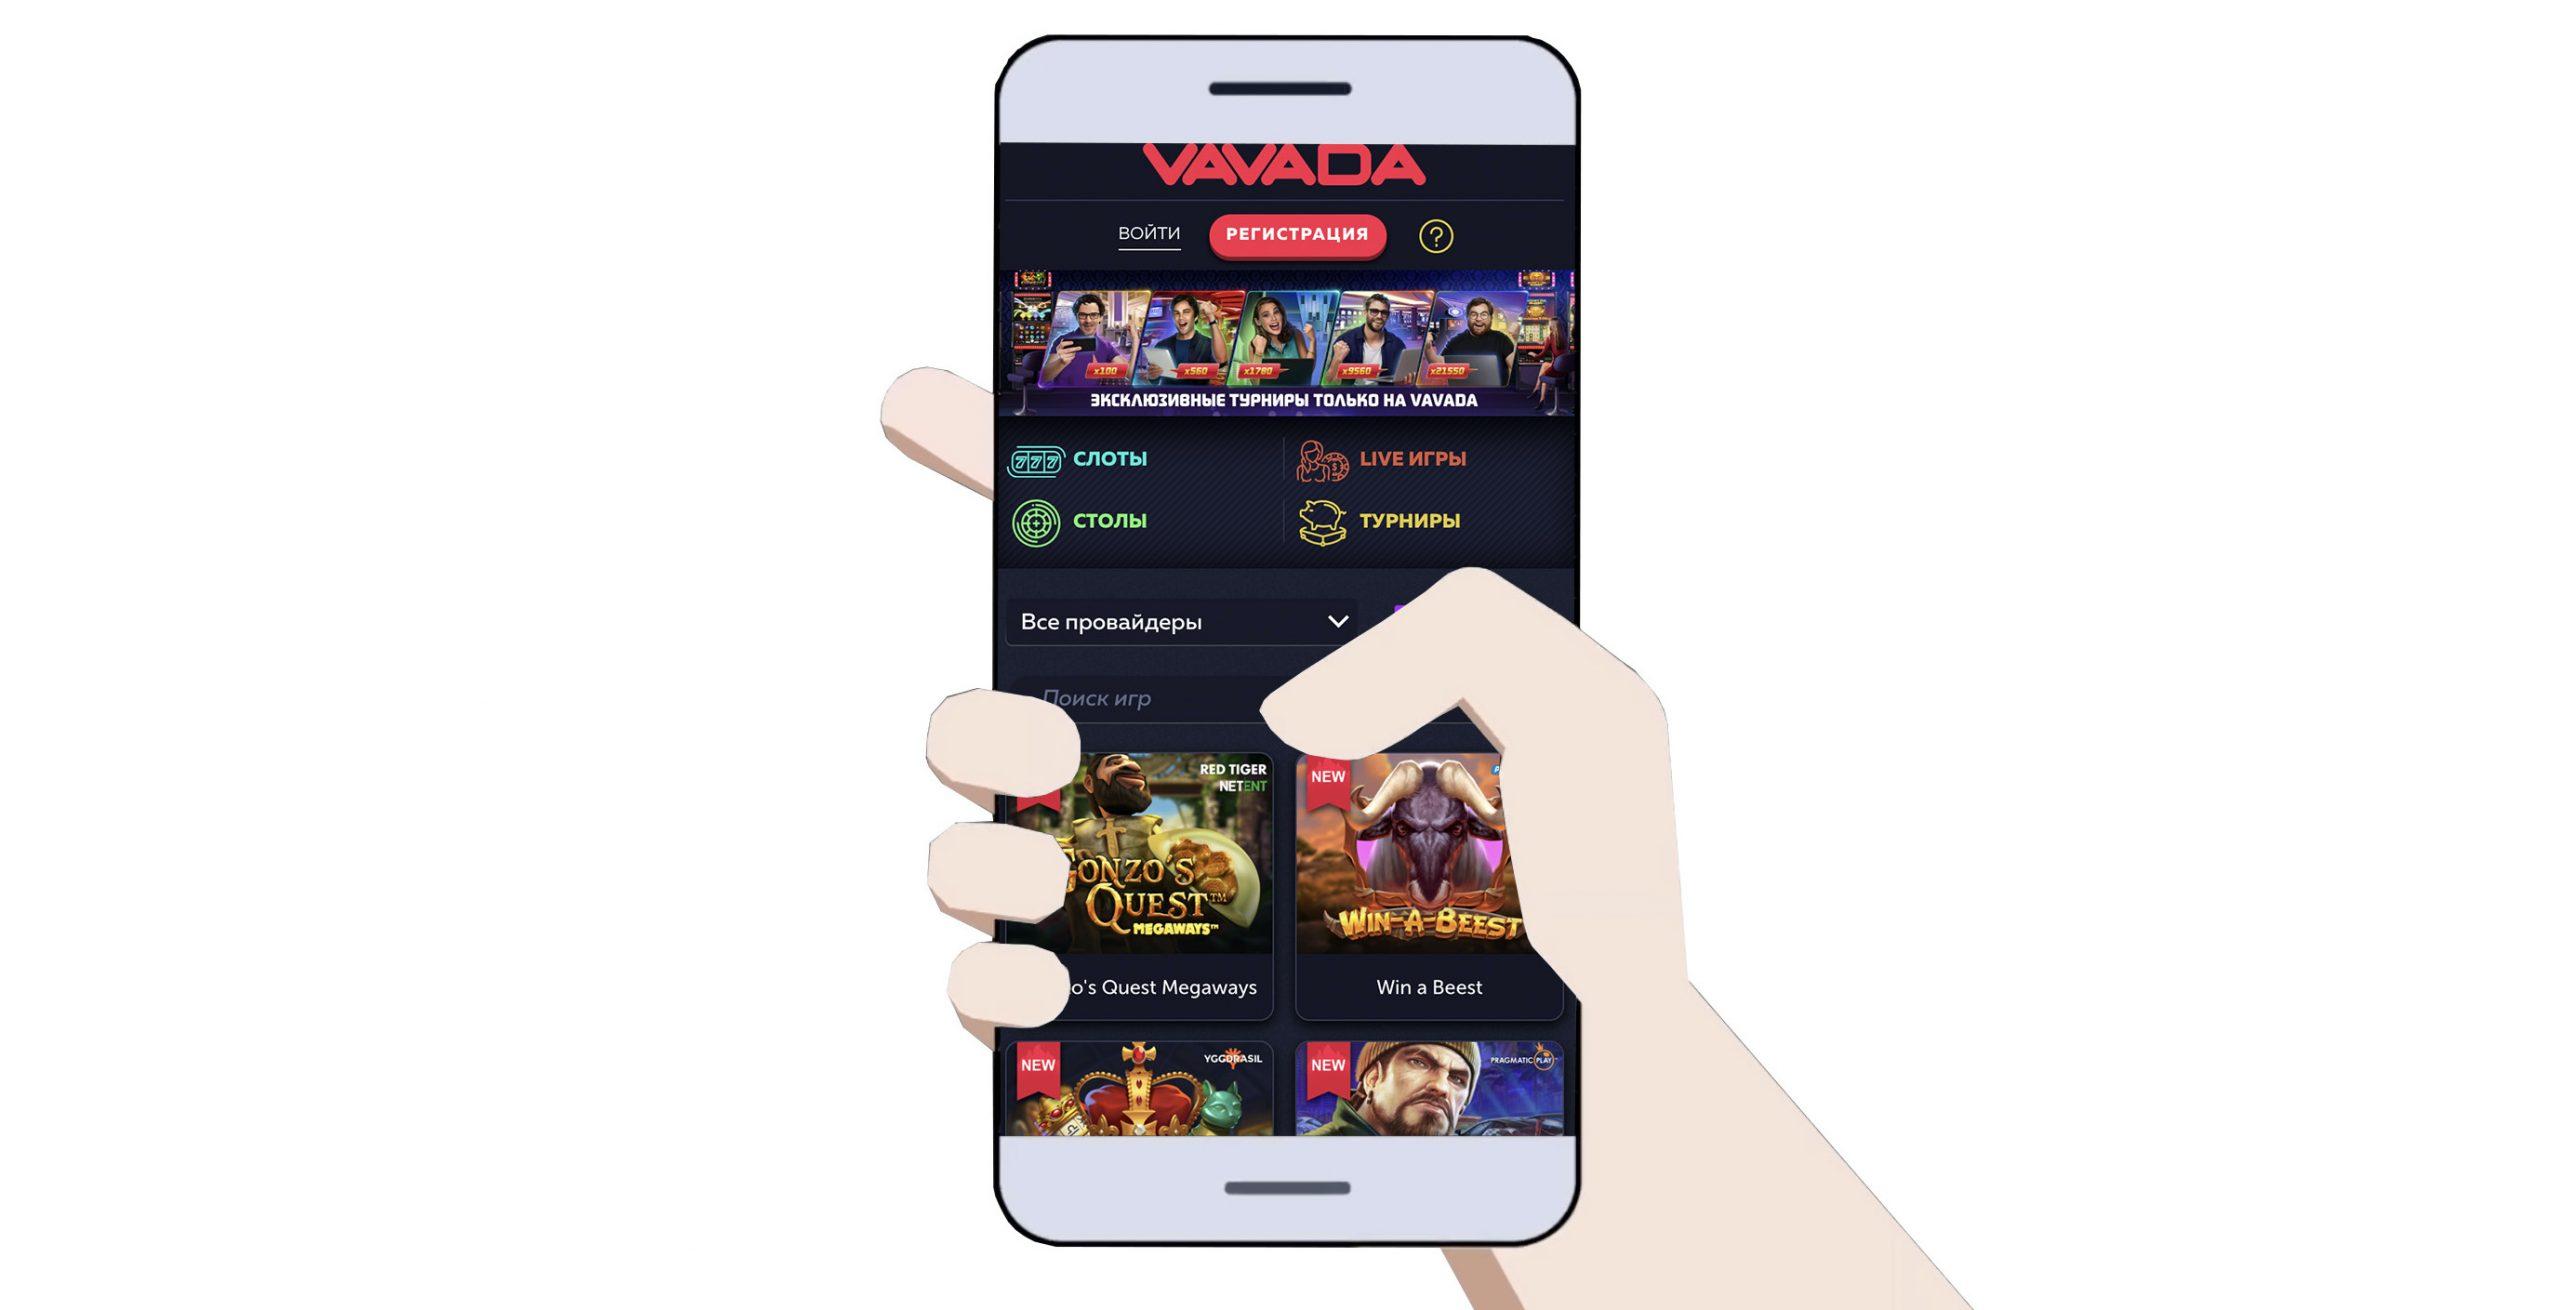 Мобильное казино Vavada